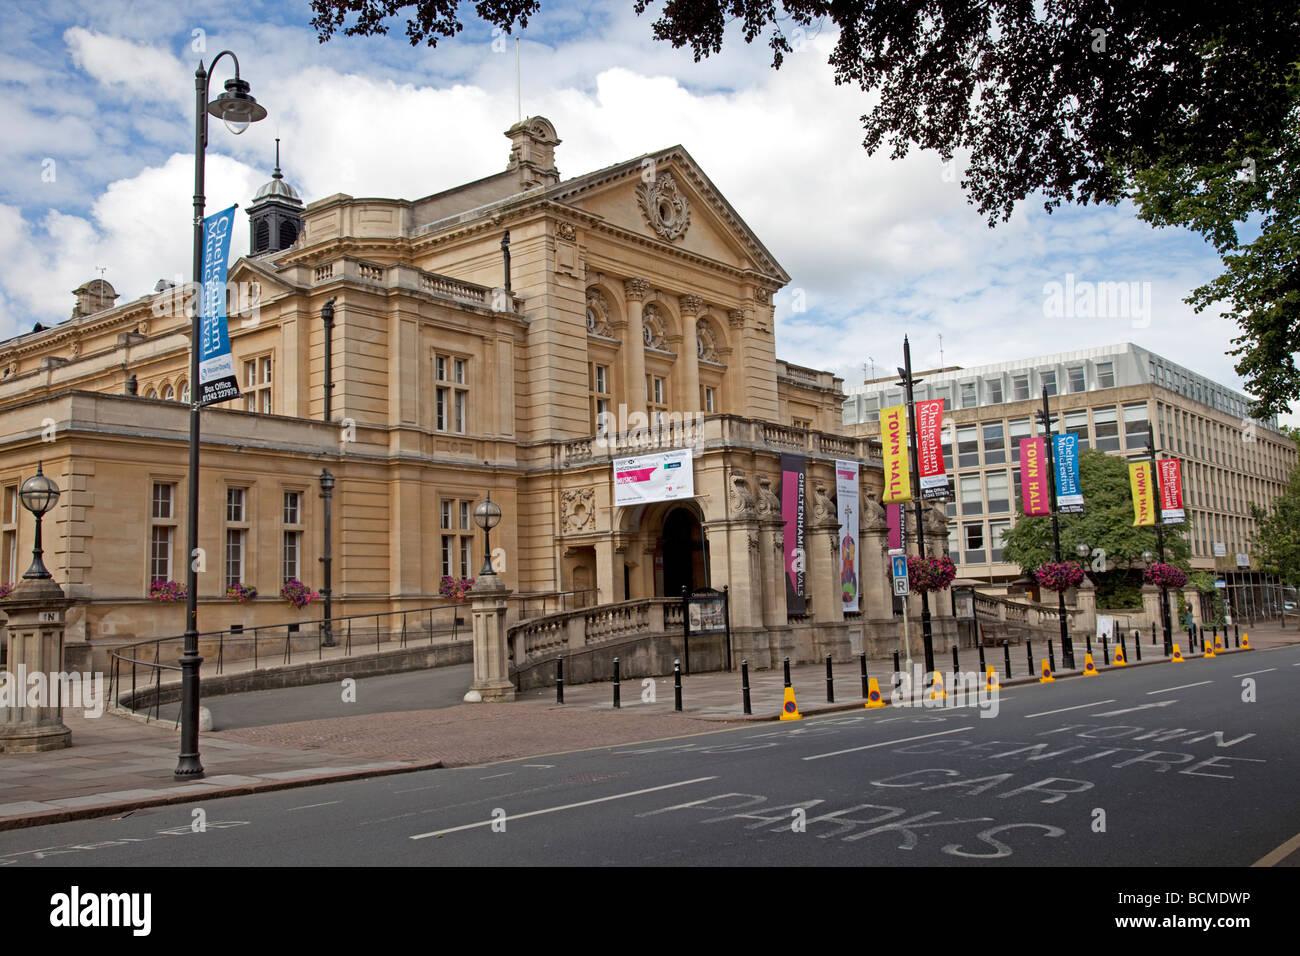 Banners advertising Music Festival outside Cheltenham town hall UK - Stock Image